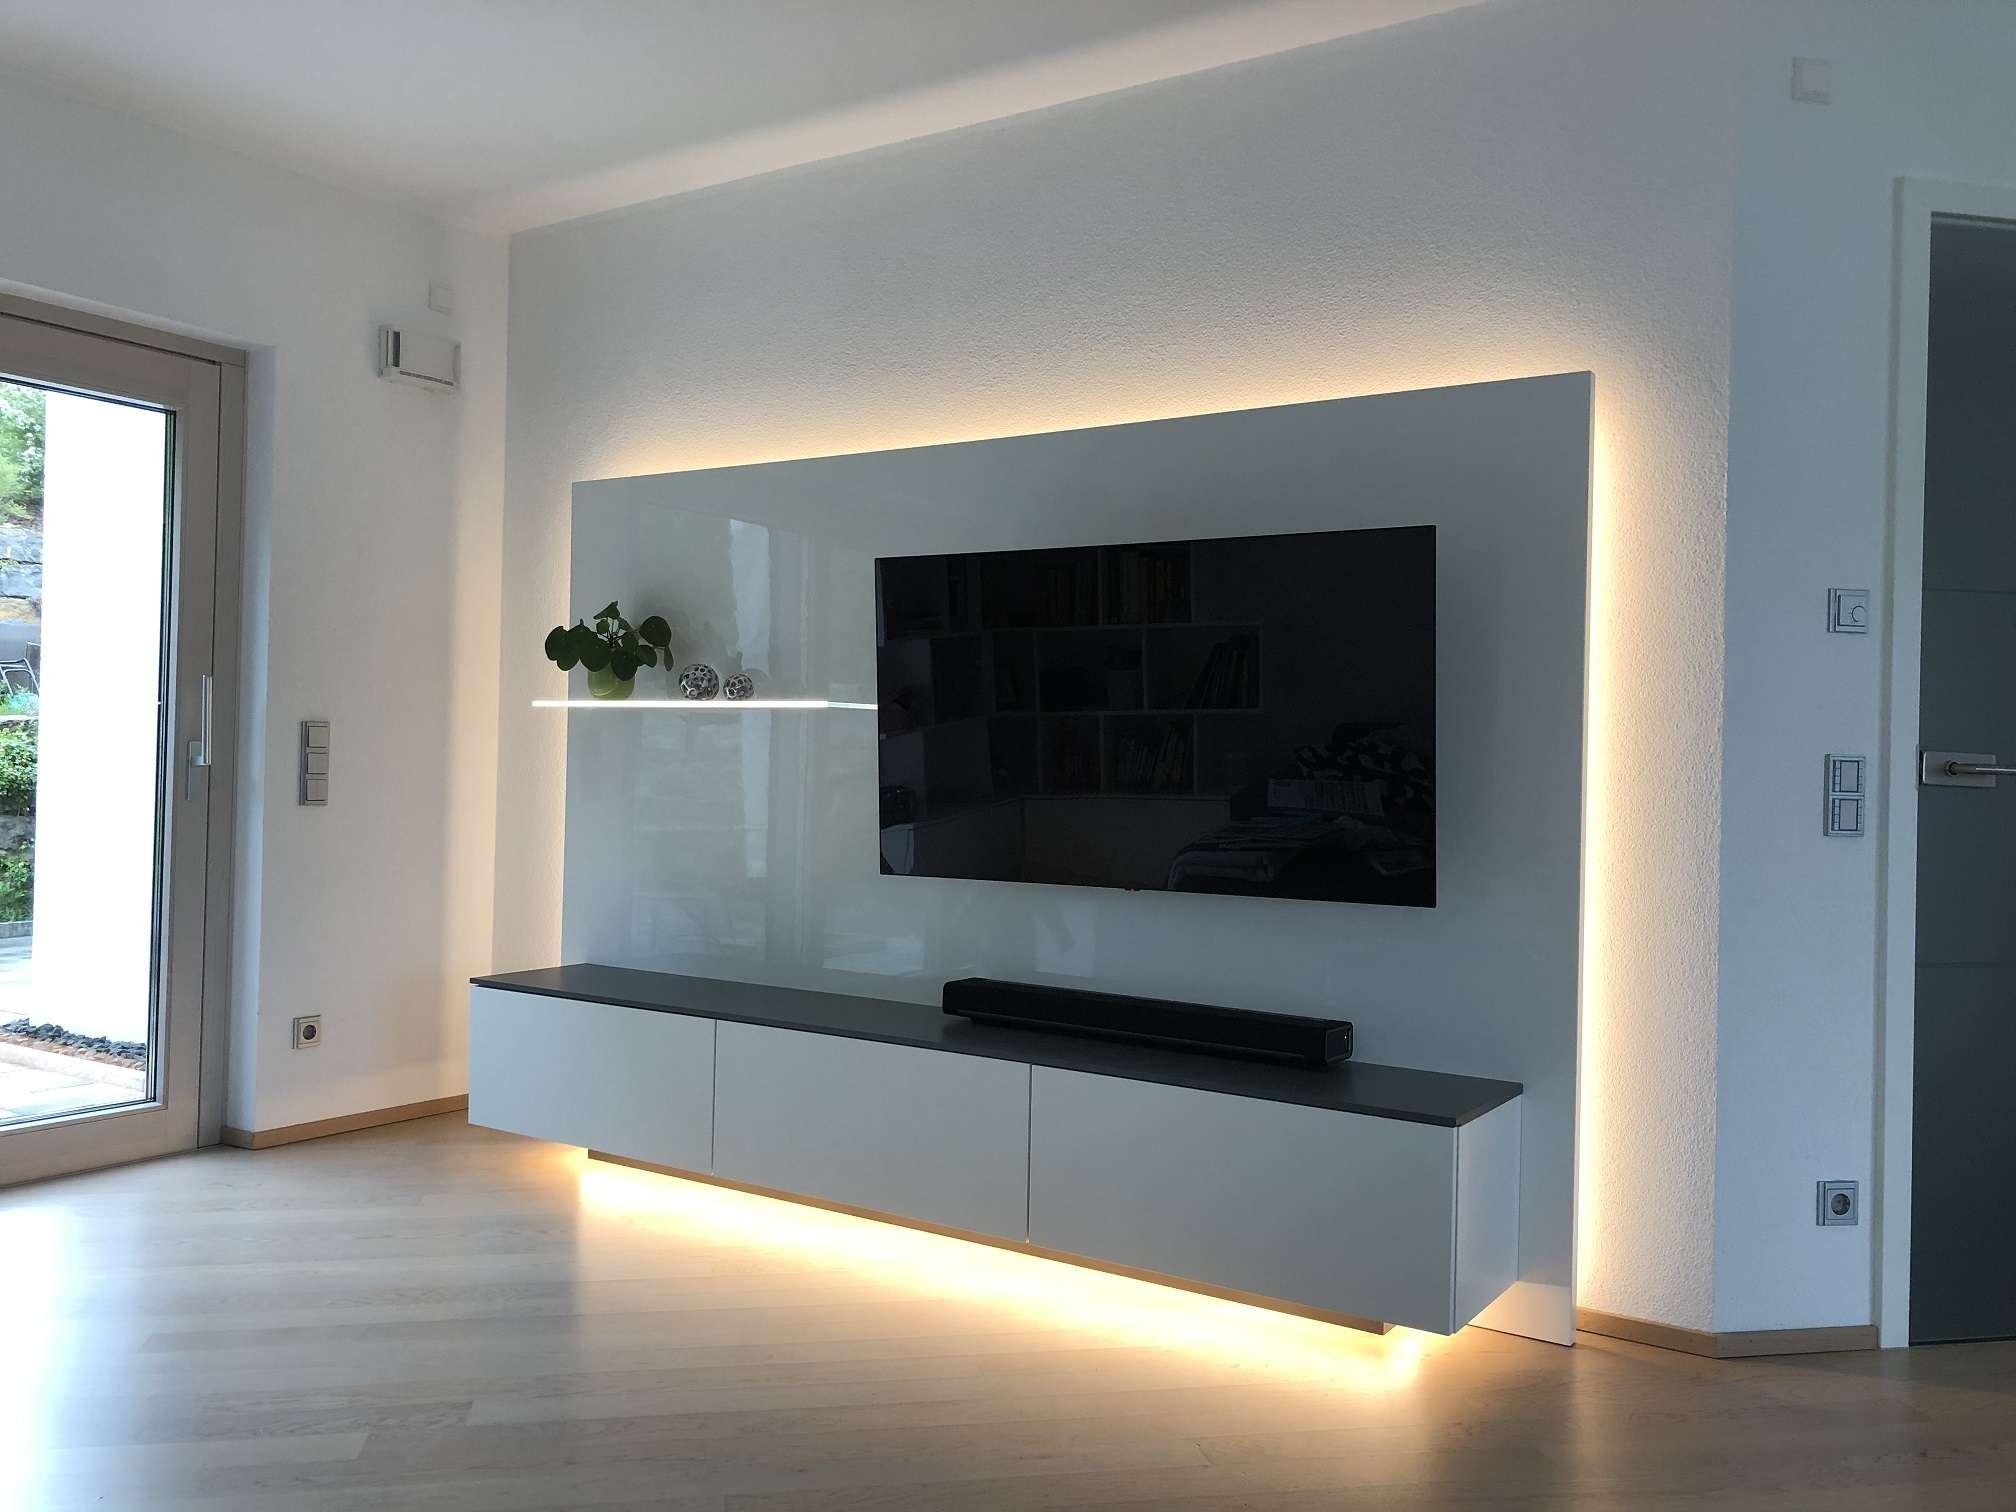 Fernsehmöbel in Glanzlack weiß mit indirektem Licht außenrum, das von hinten strahlt. Rückwand mit niedrigem Sideboard für Stauraum.